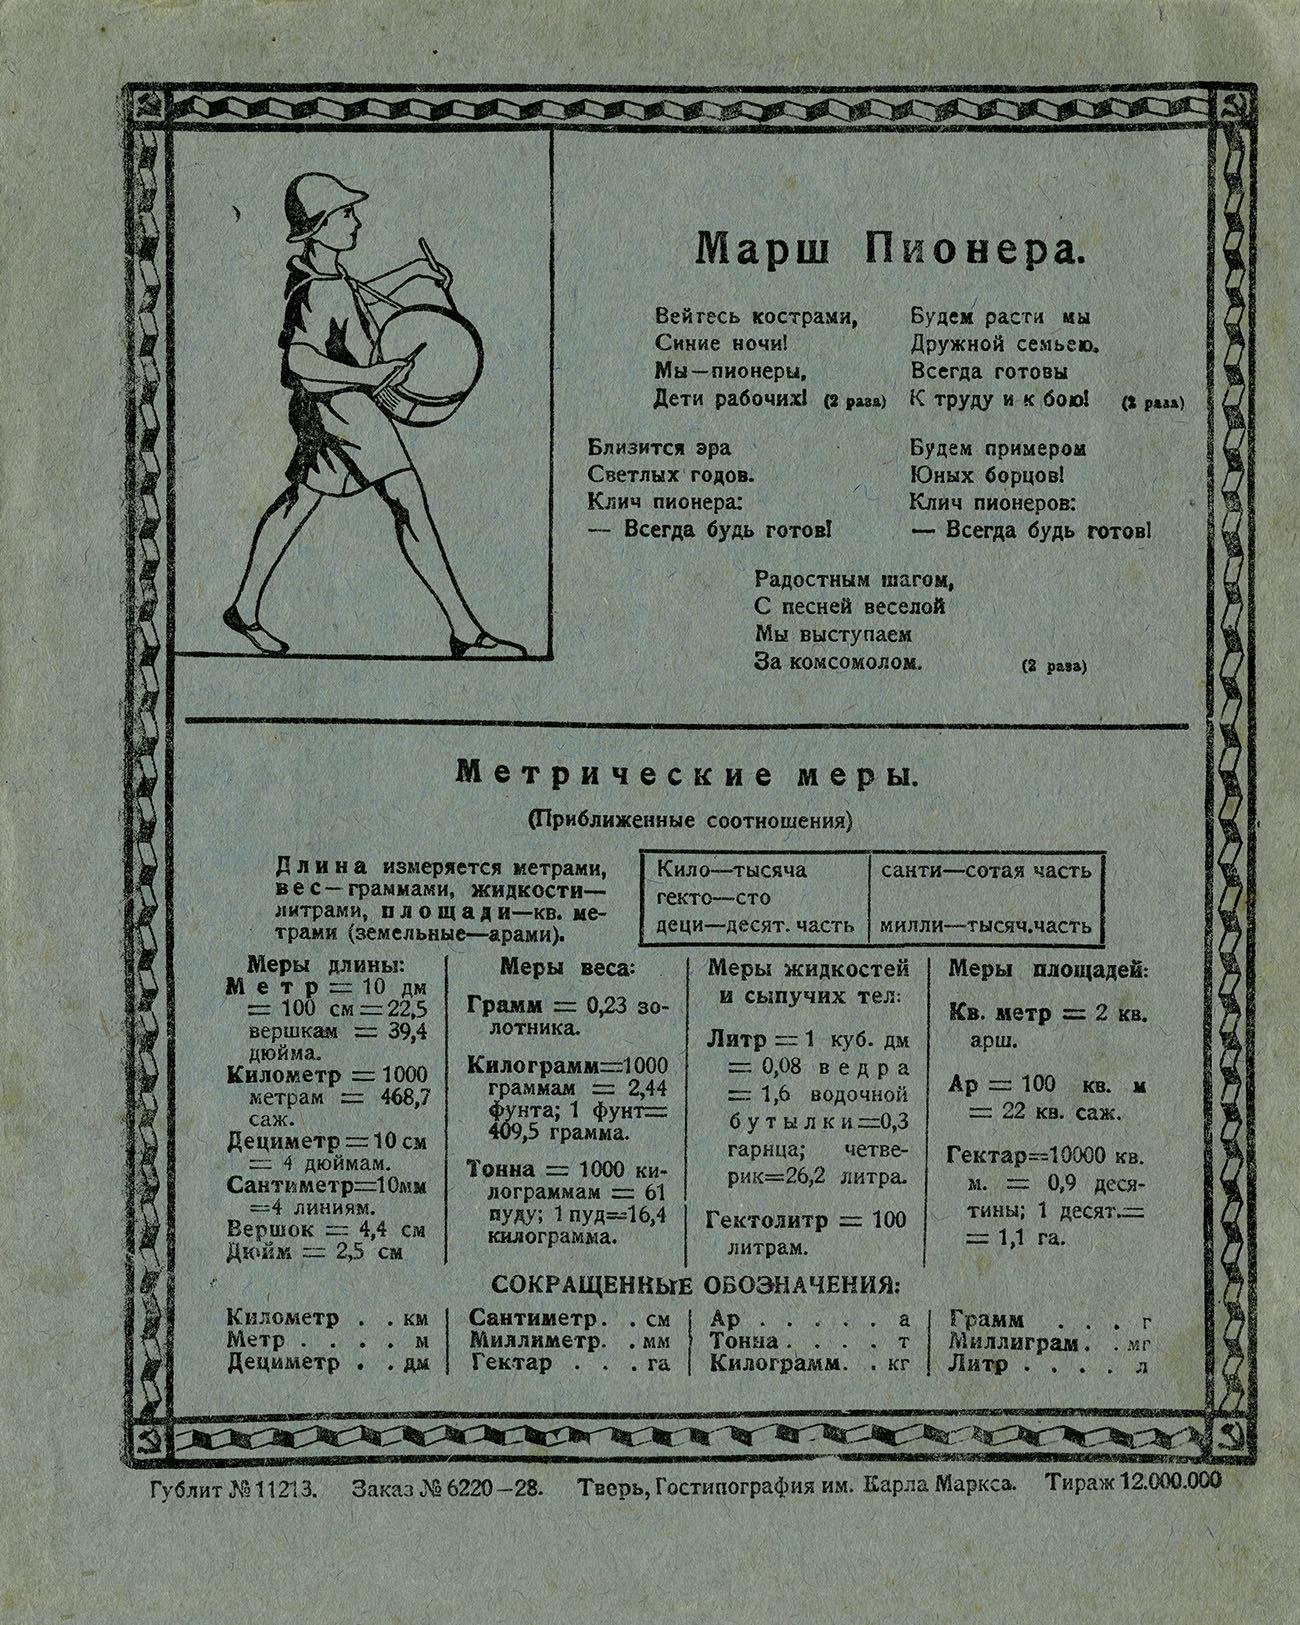 Тетрадь Калинин, 1928, оборот